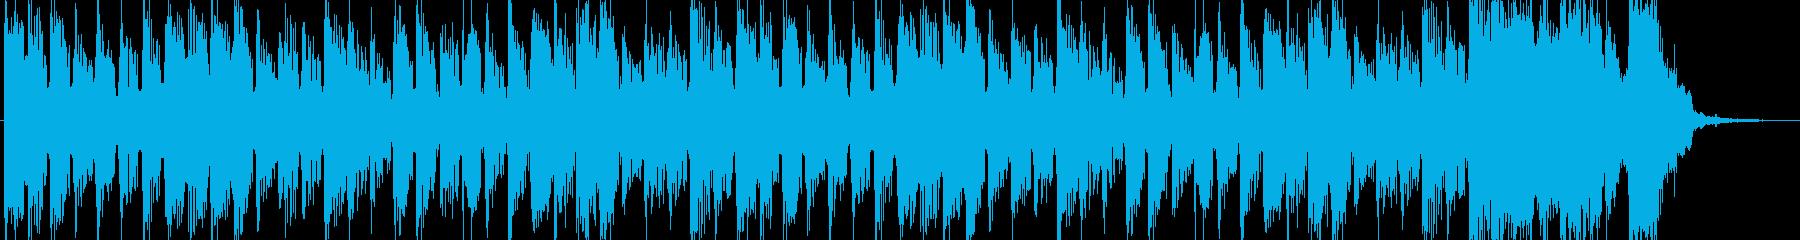 シンセブラスのロックのんの再生済みの波形